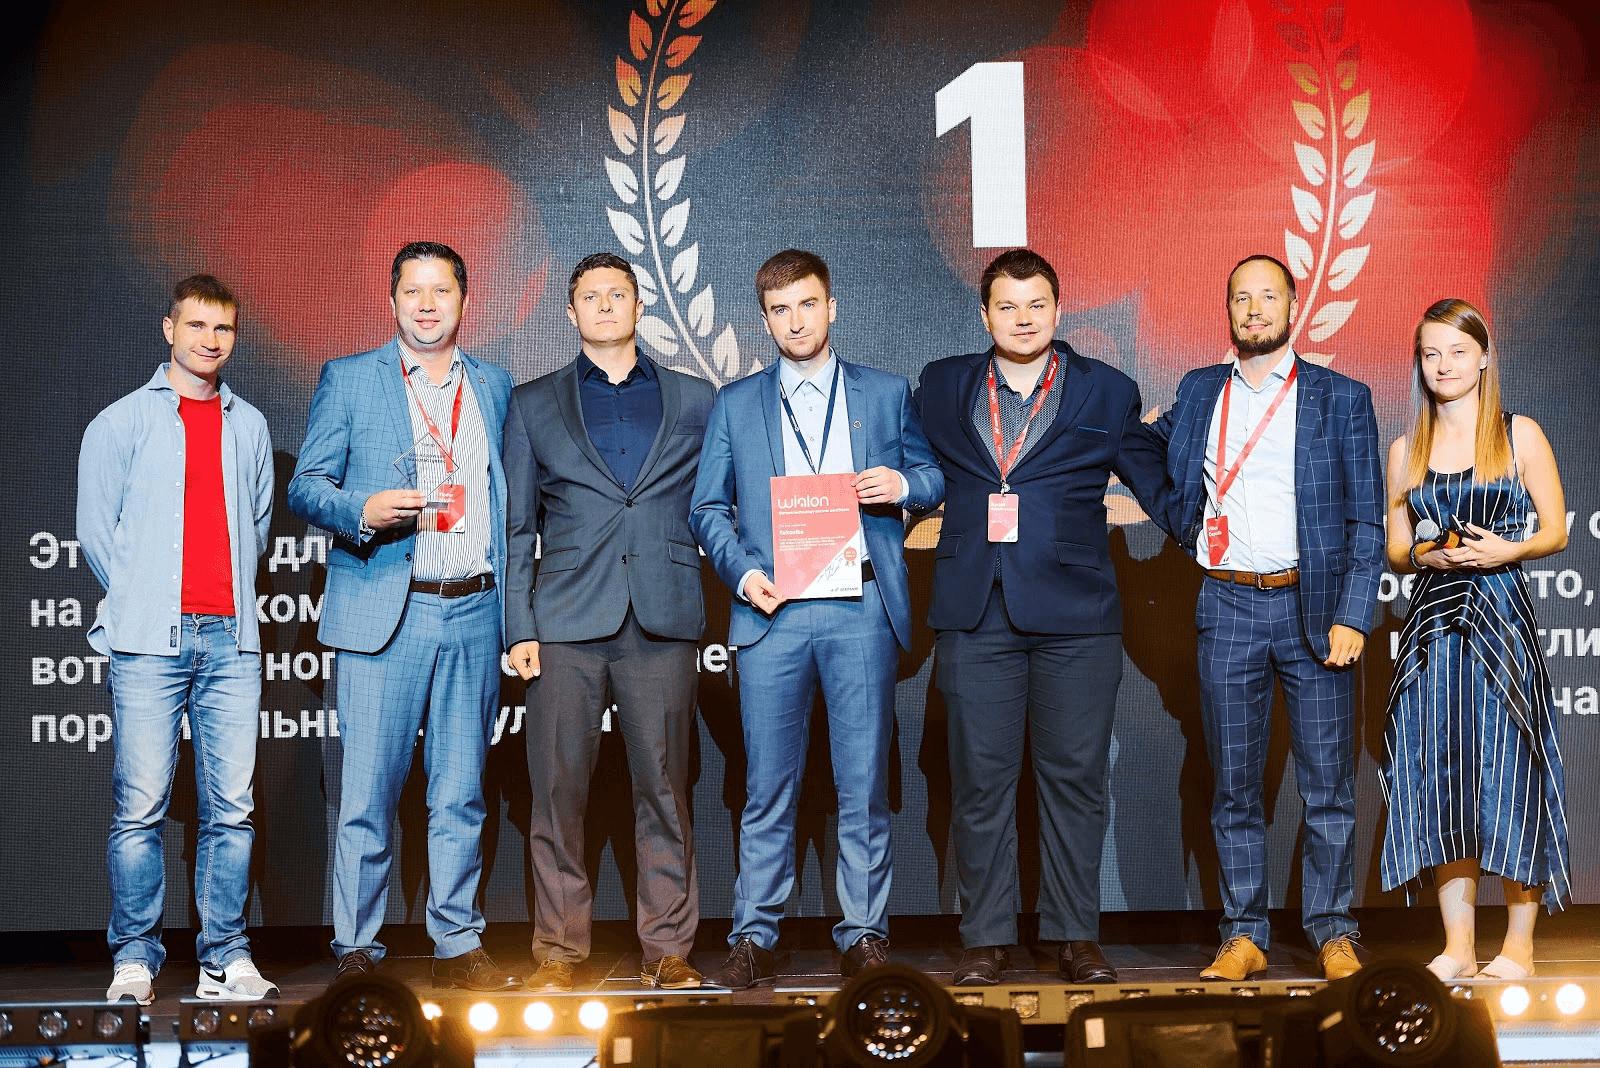 Команда Teltonika